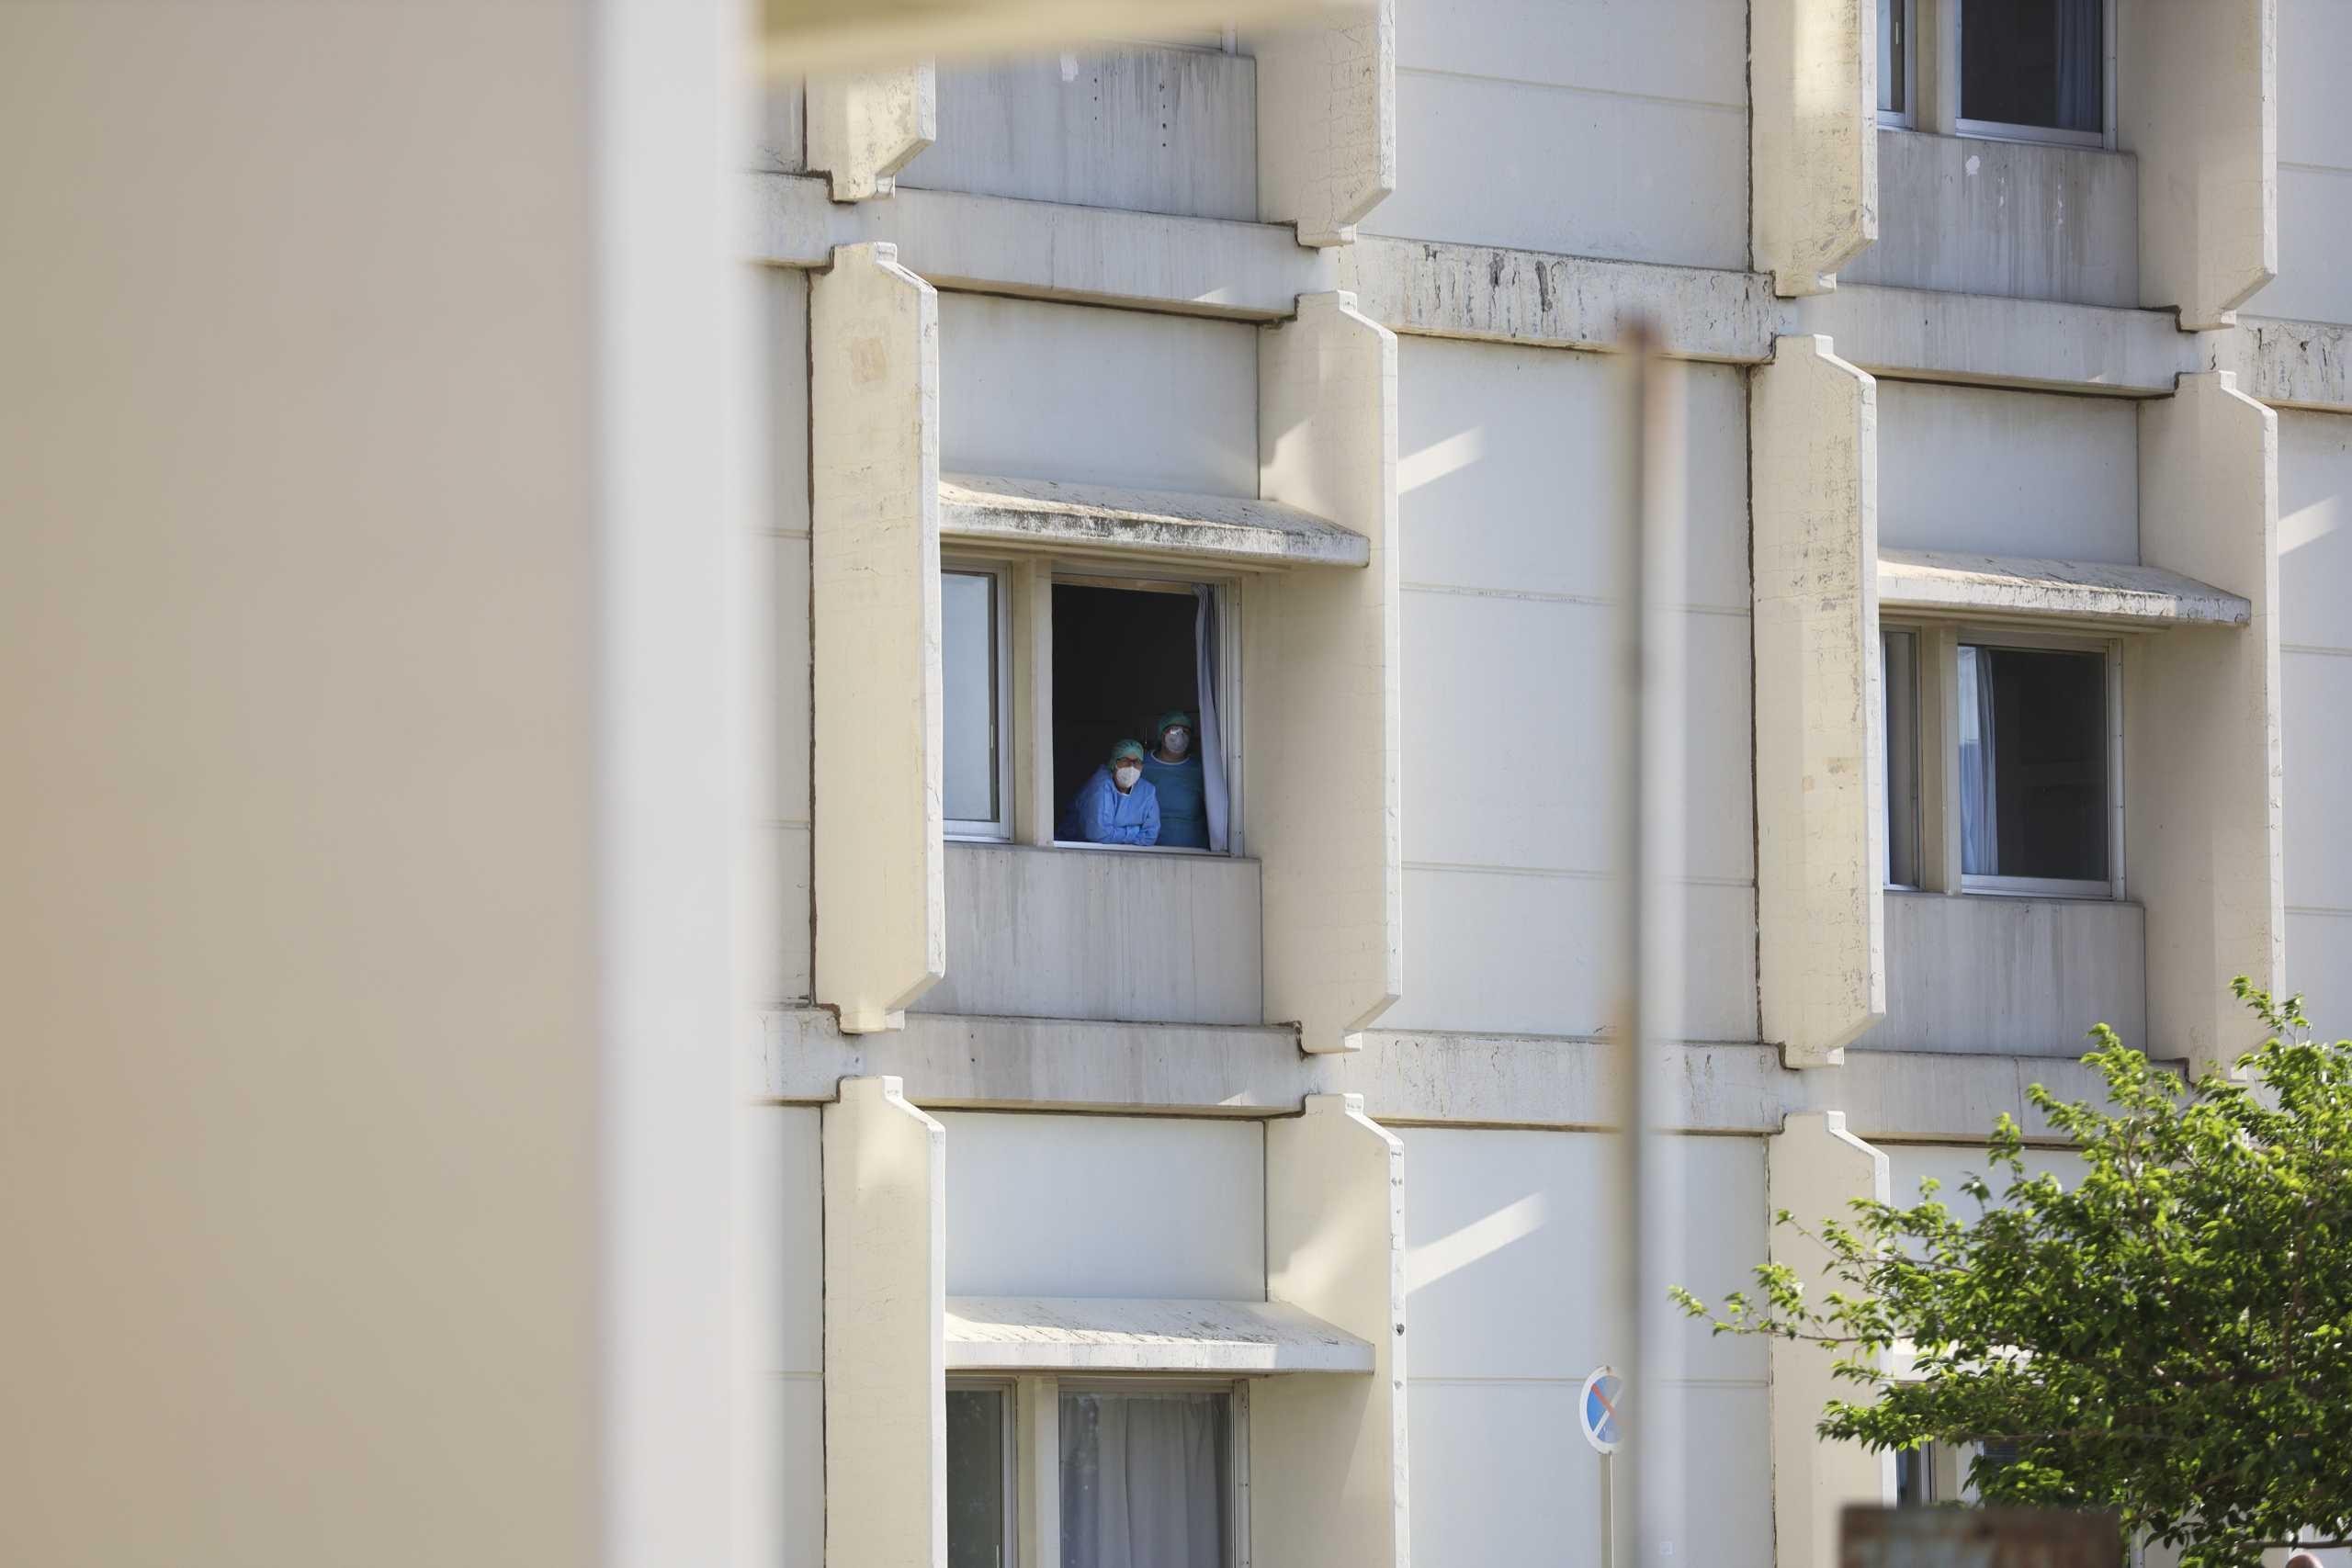 Τραγωδία στο Ρίο: Έπεσε από τον 5ο όροφο του νοσοκομείου και σκοτώθηκε!